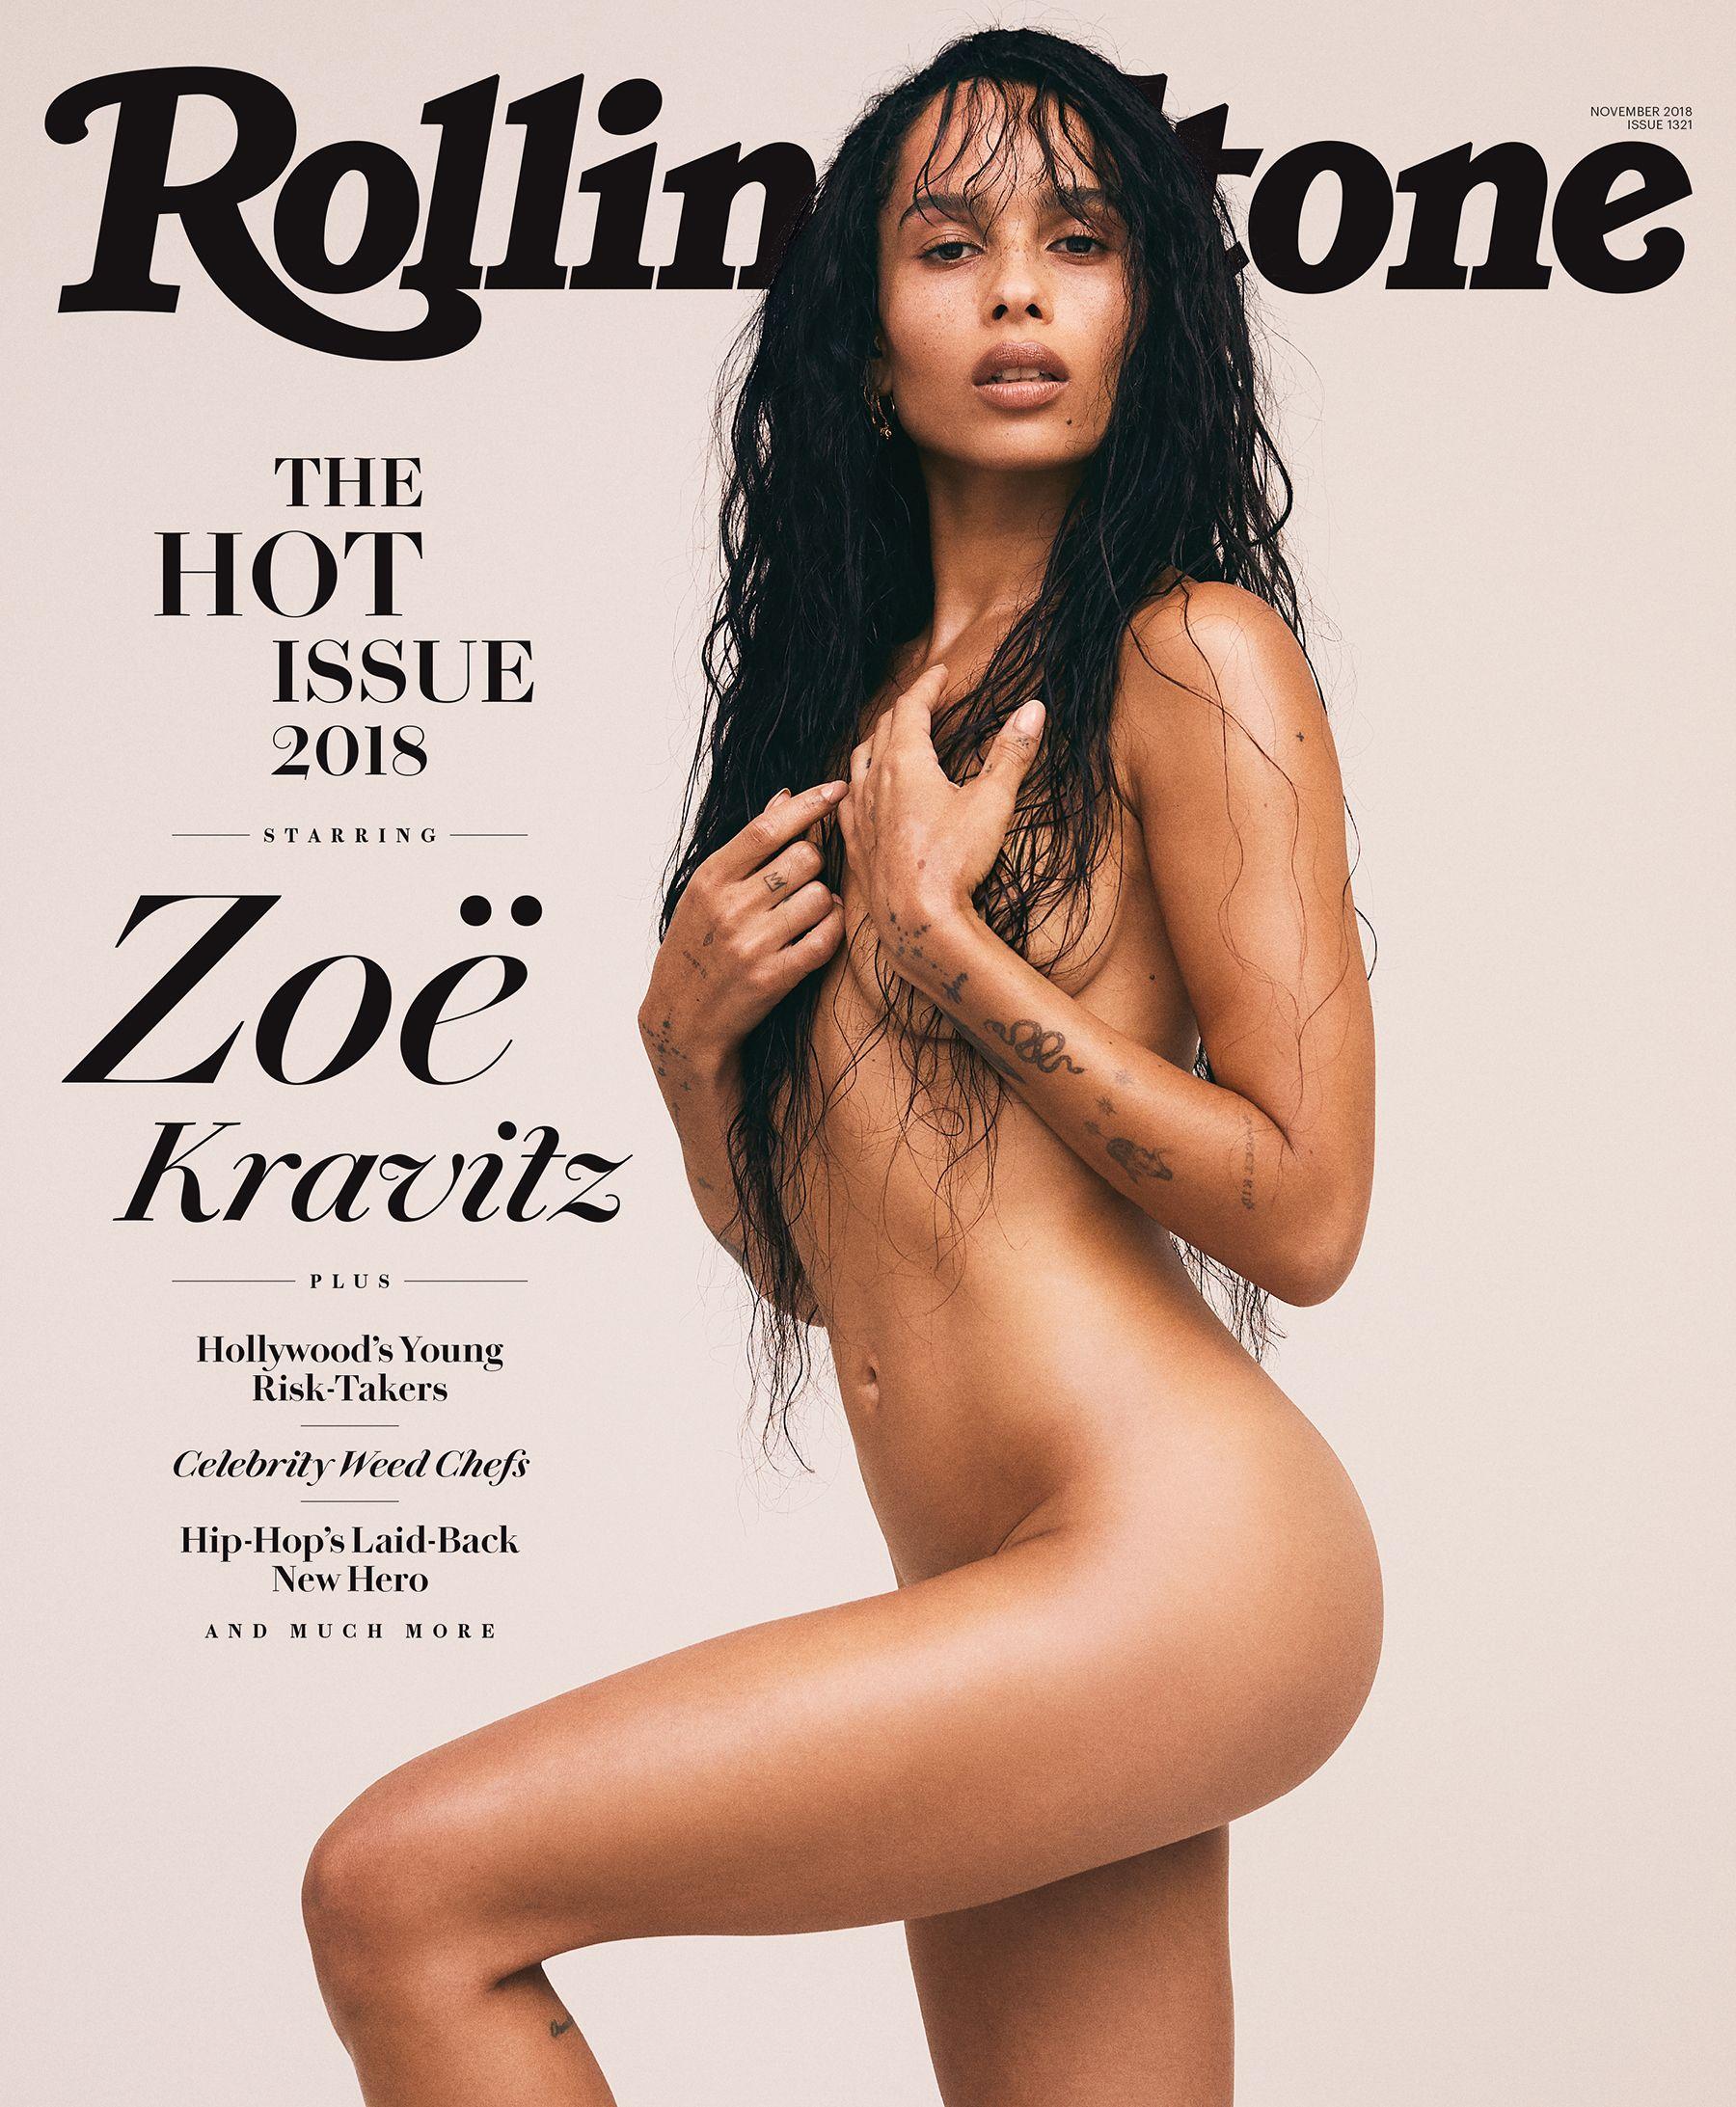 Американская женщина Зои Кравиц. Интервью для Rolling Stone. Фото - Зои Гроссман